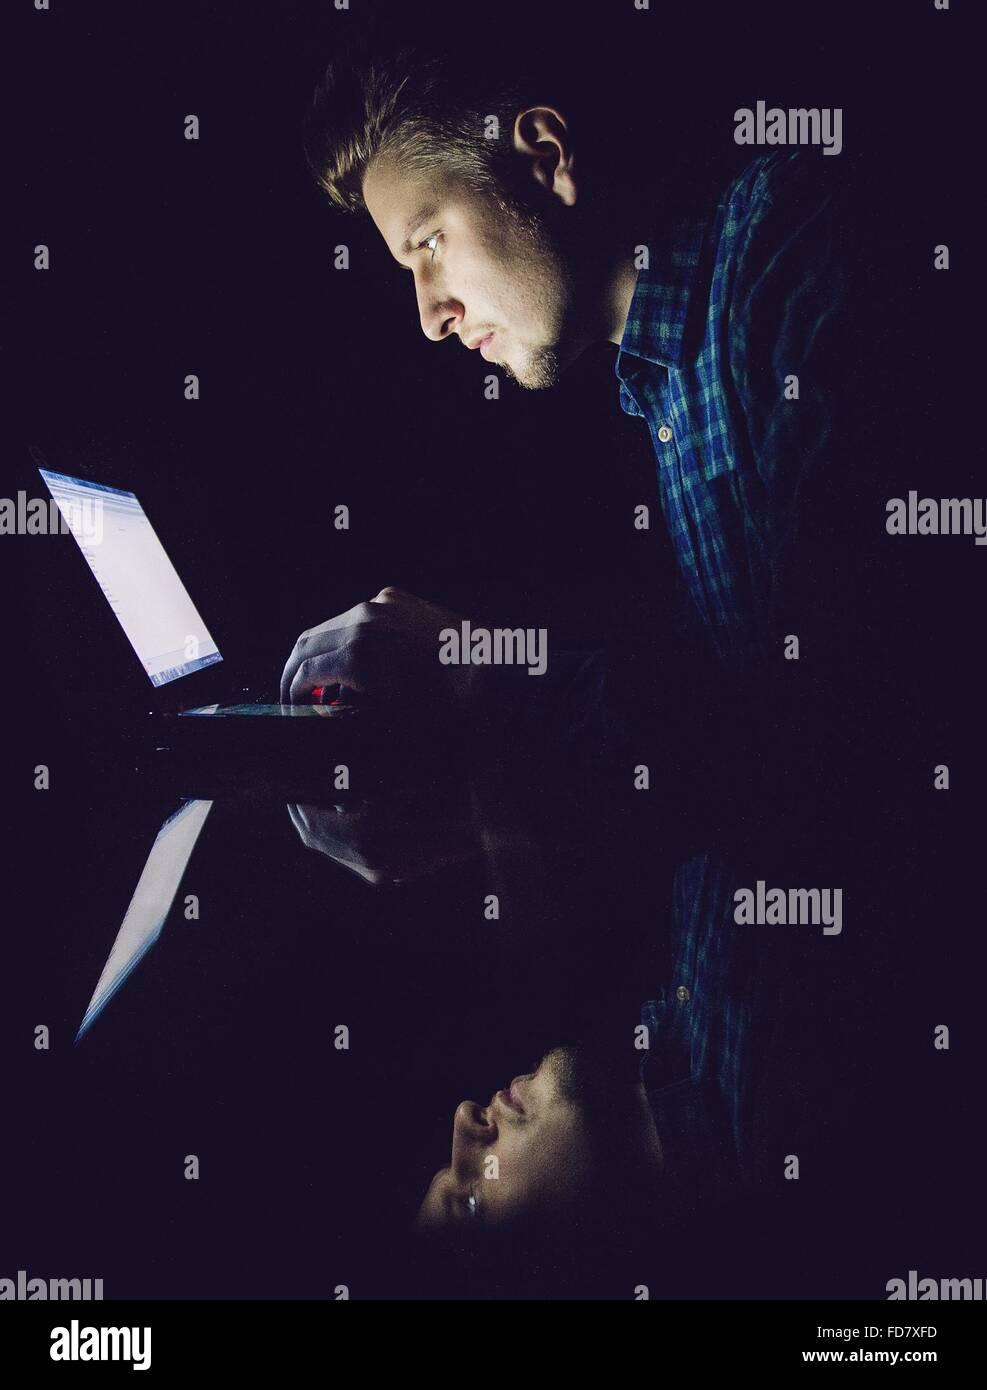 Reflexion des Jünglings auf Glas während mit Laptop im Darkroom Stockbild